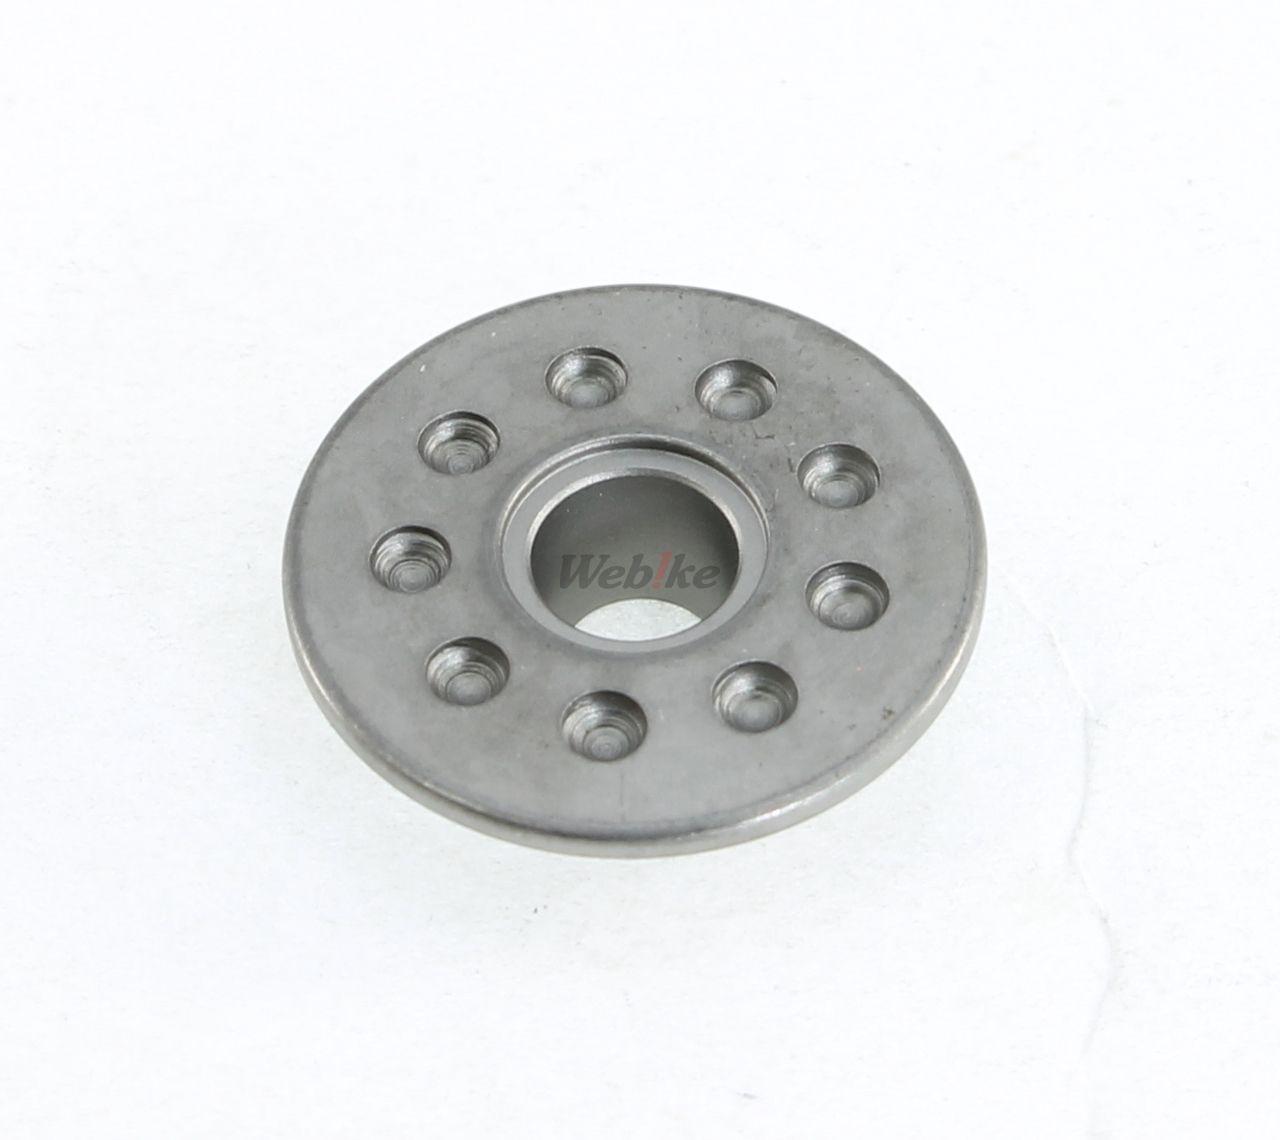 【KITACO】ULTRA-SE Steel 氣門彈簧座 - 「Webike-摩托百貨」